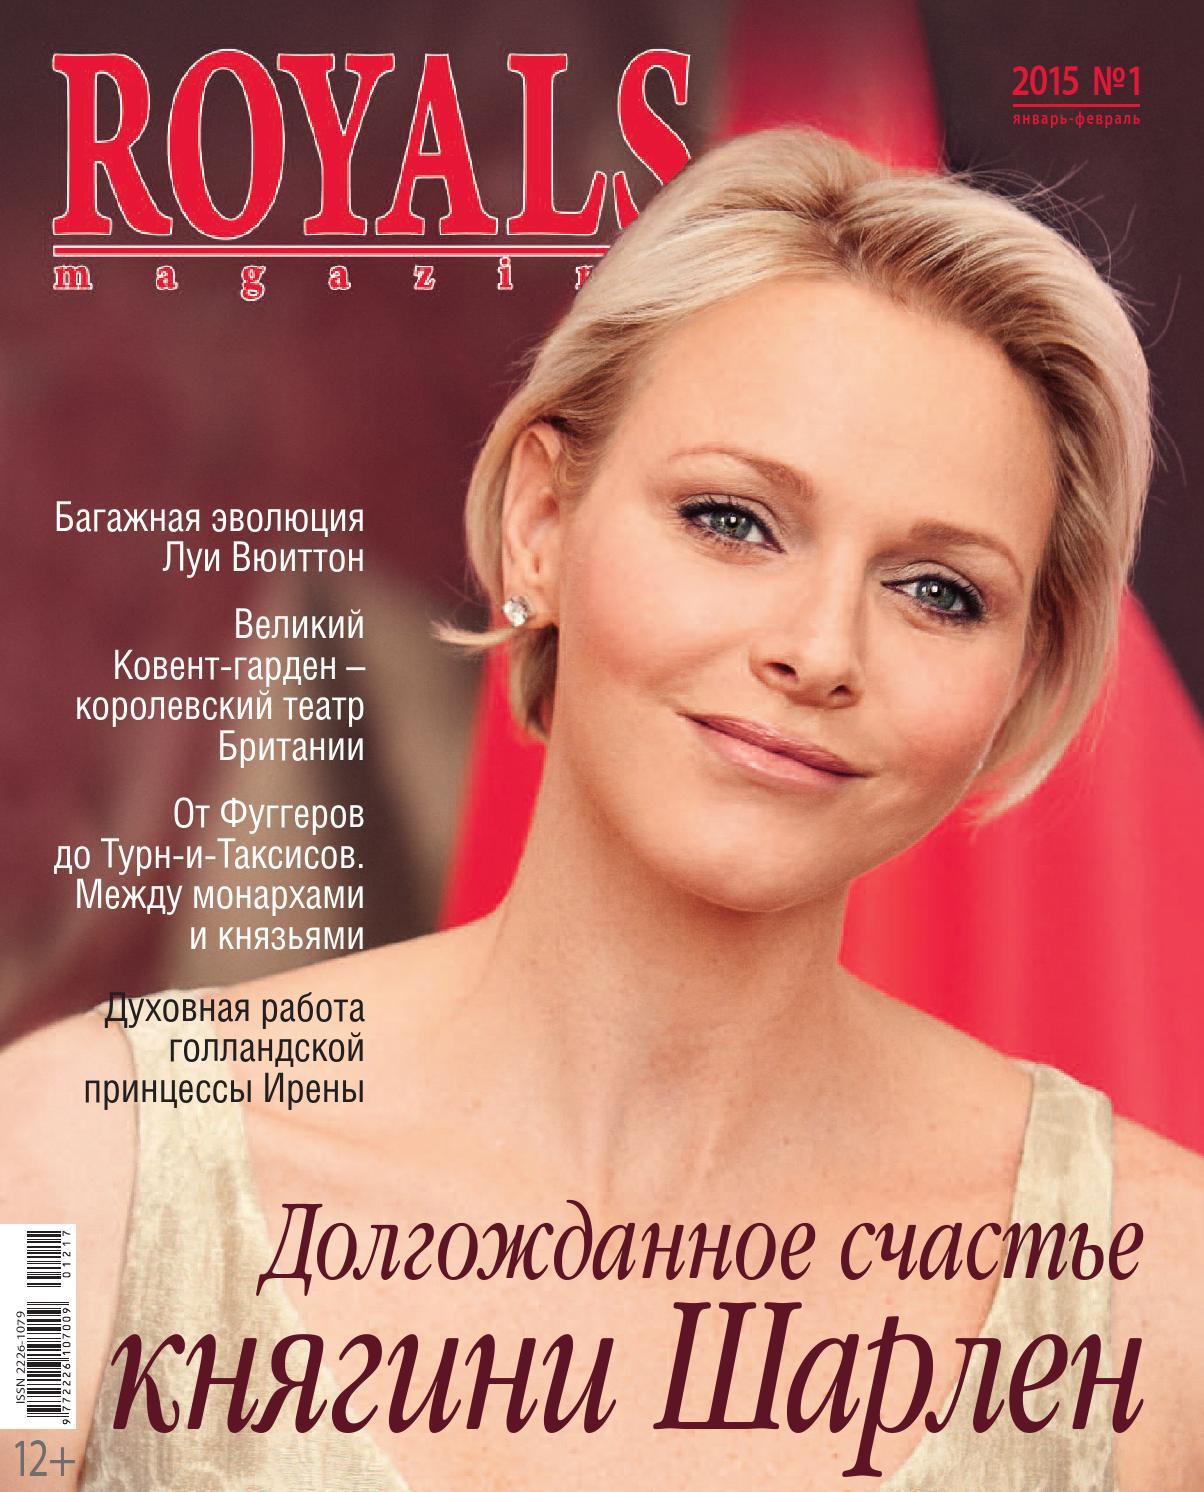 Royals magazine 2015 № 1 by Evgeny Larin - issuu 8bd9ef458ba